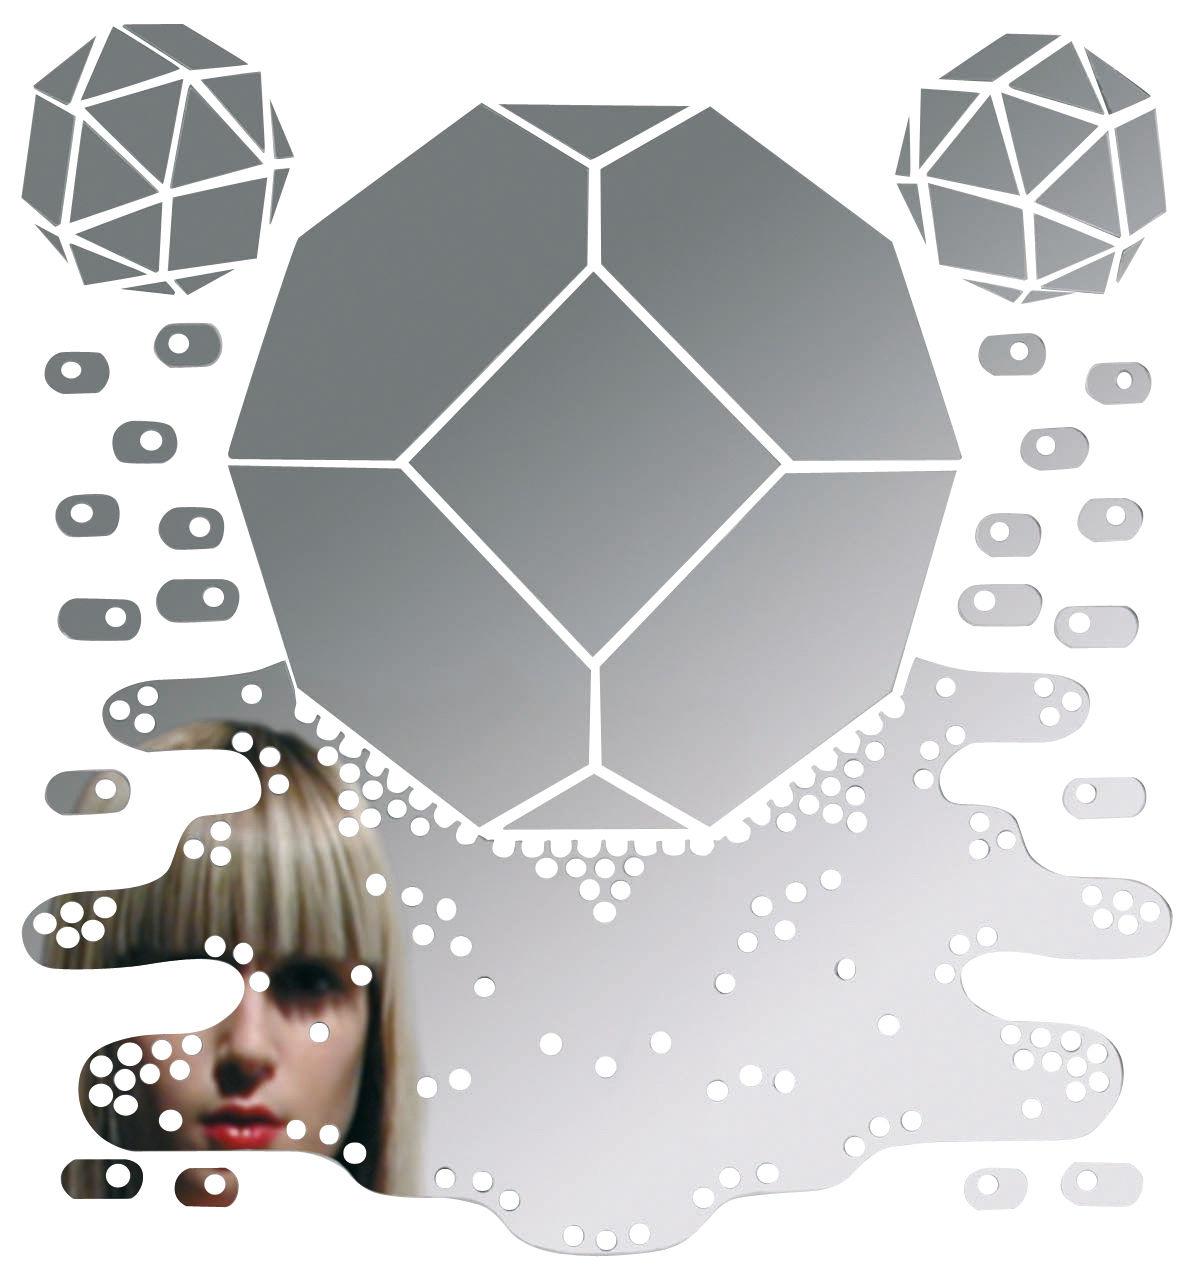 Arredamento - Specchi - Specchio autocollante Meltingpolyhedron - Autoadesivo di Domestic -  - Materiale plastico